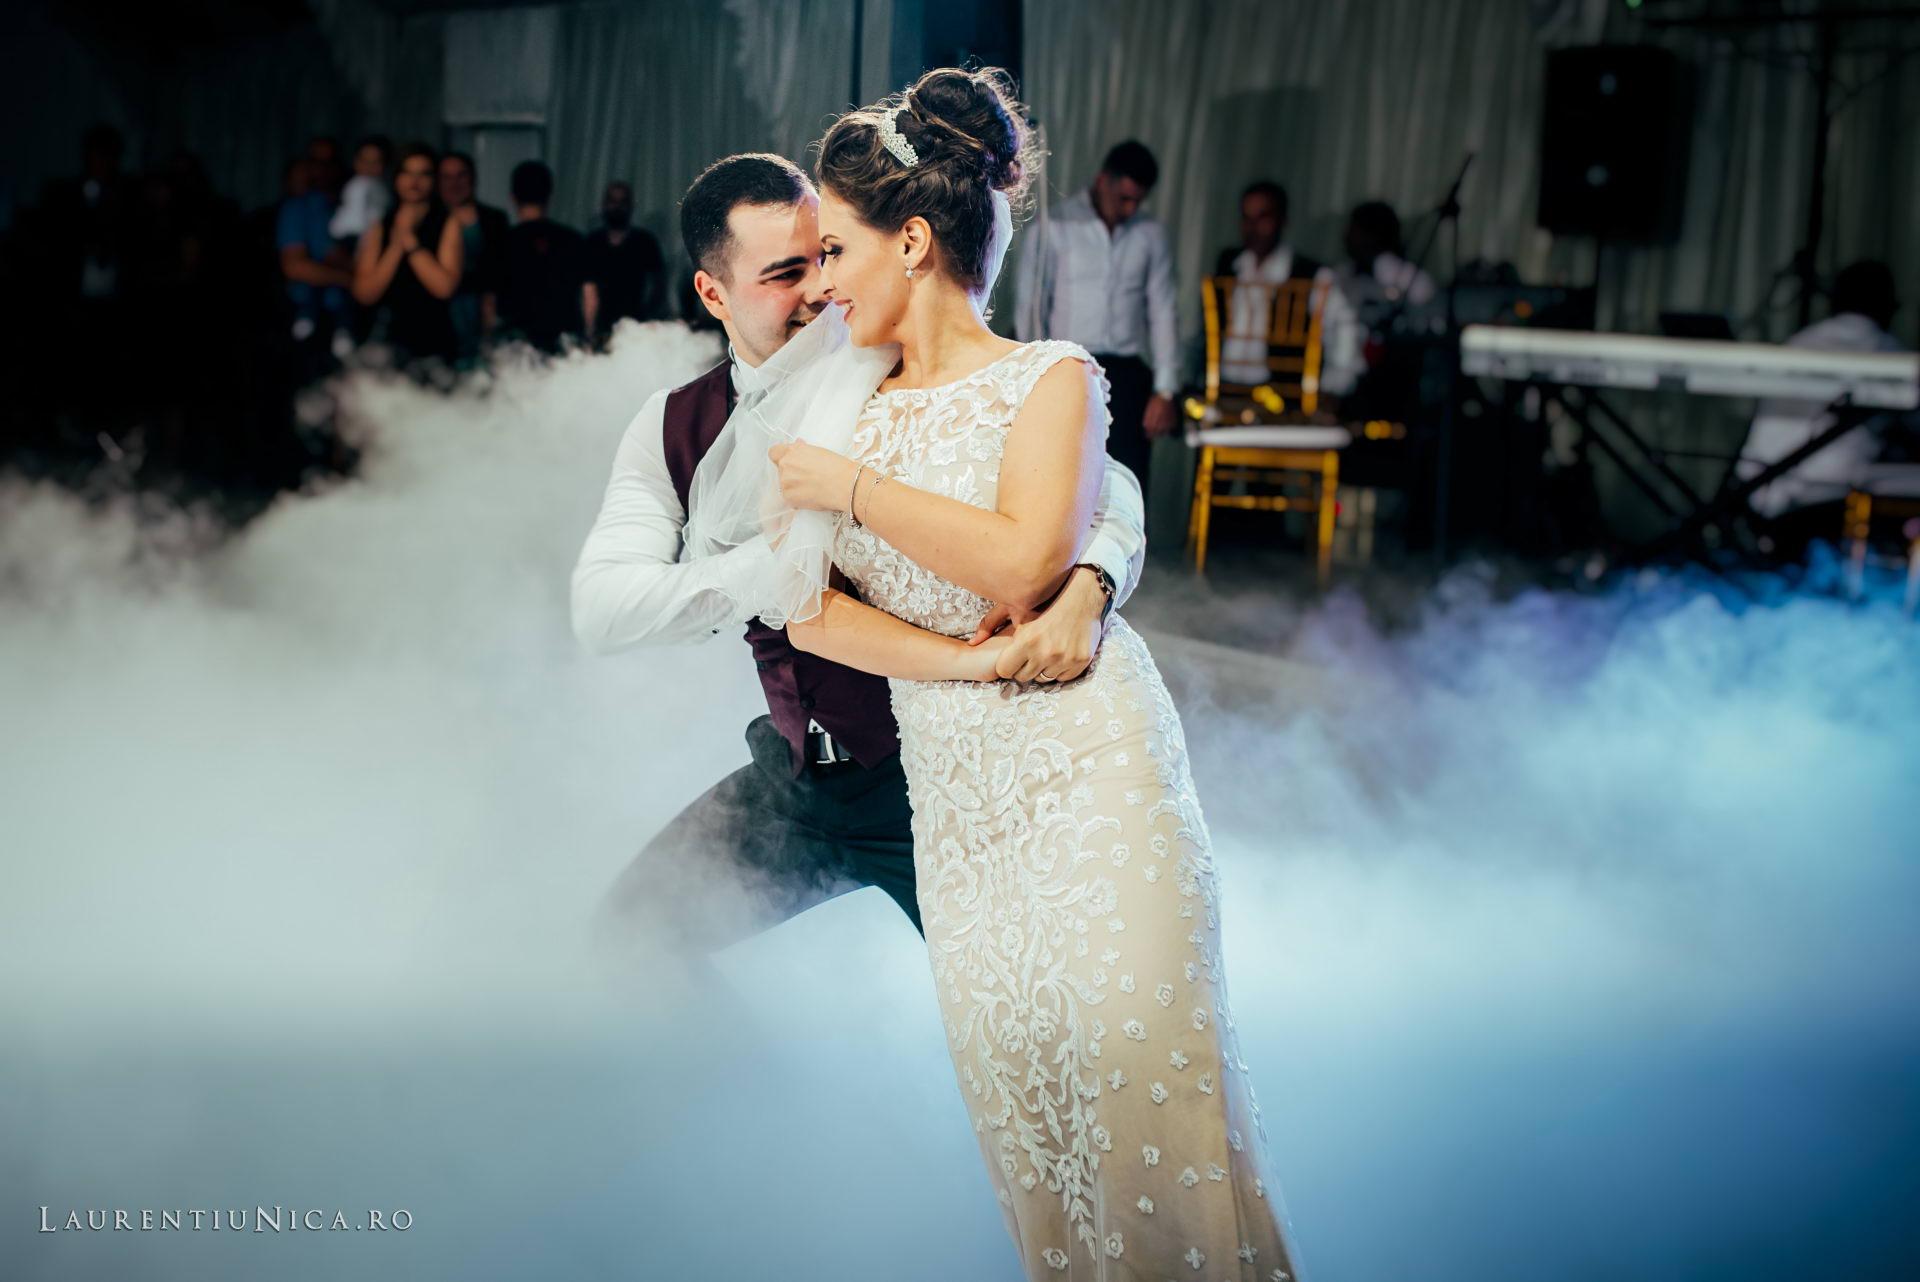 denisa si catalin fotograf nunta laurentiu nica craiova 71 - Denisa si Catalin | Fotografii nunta | Craiova